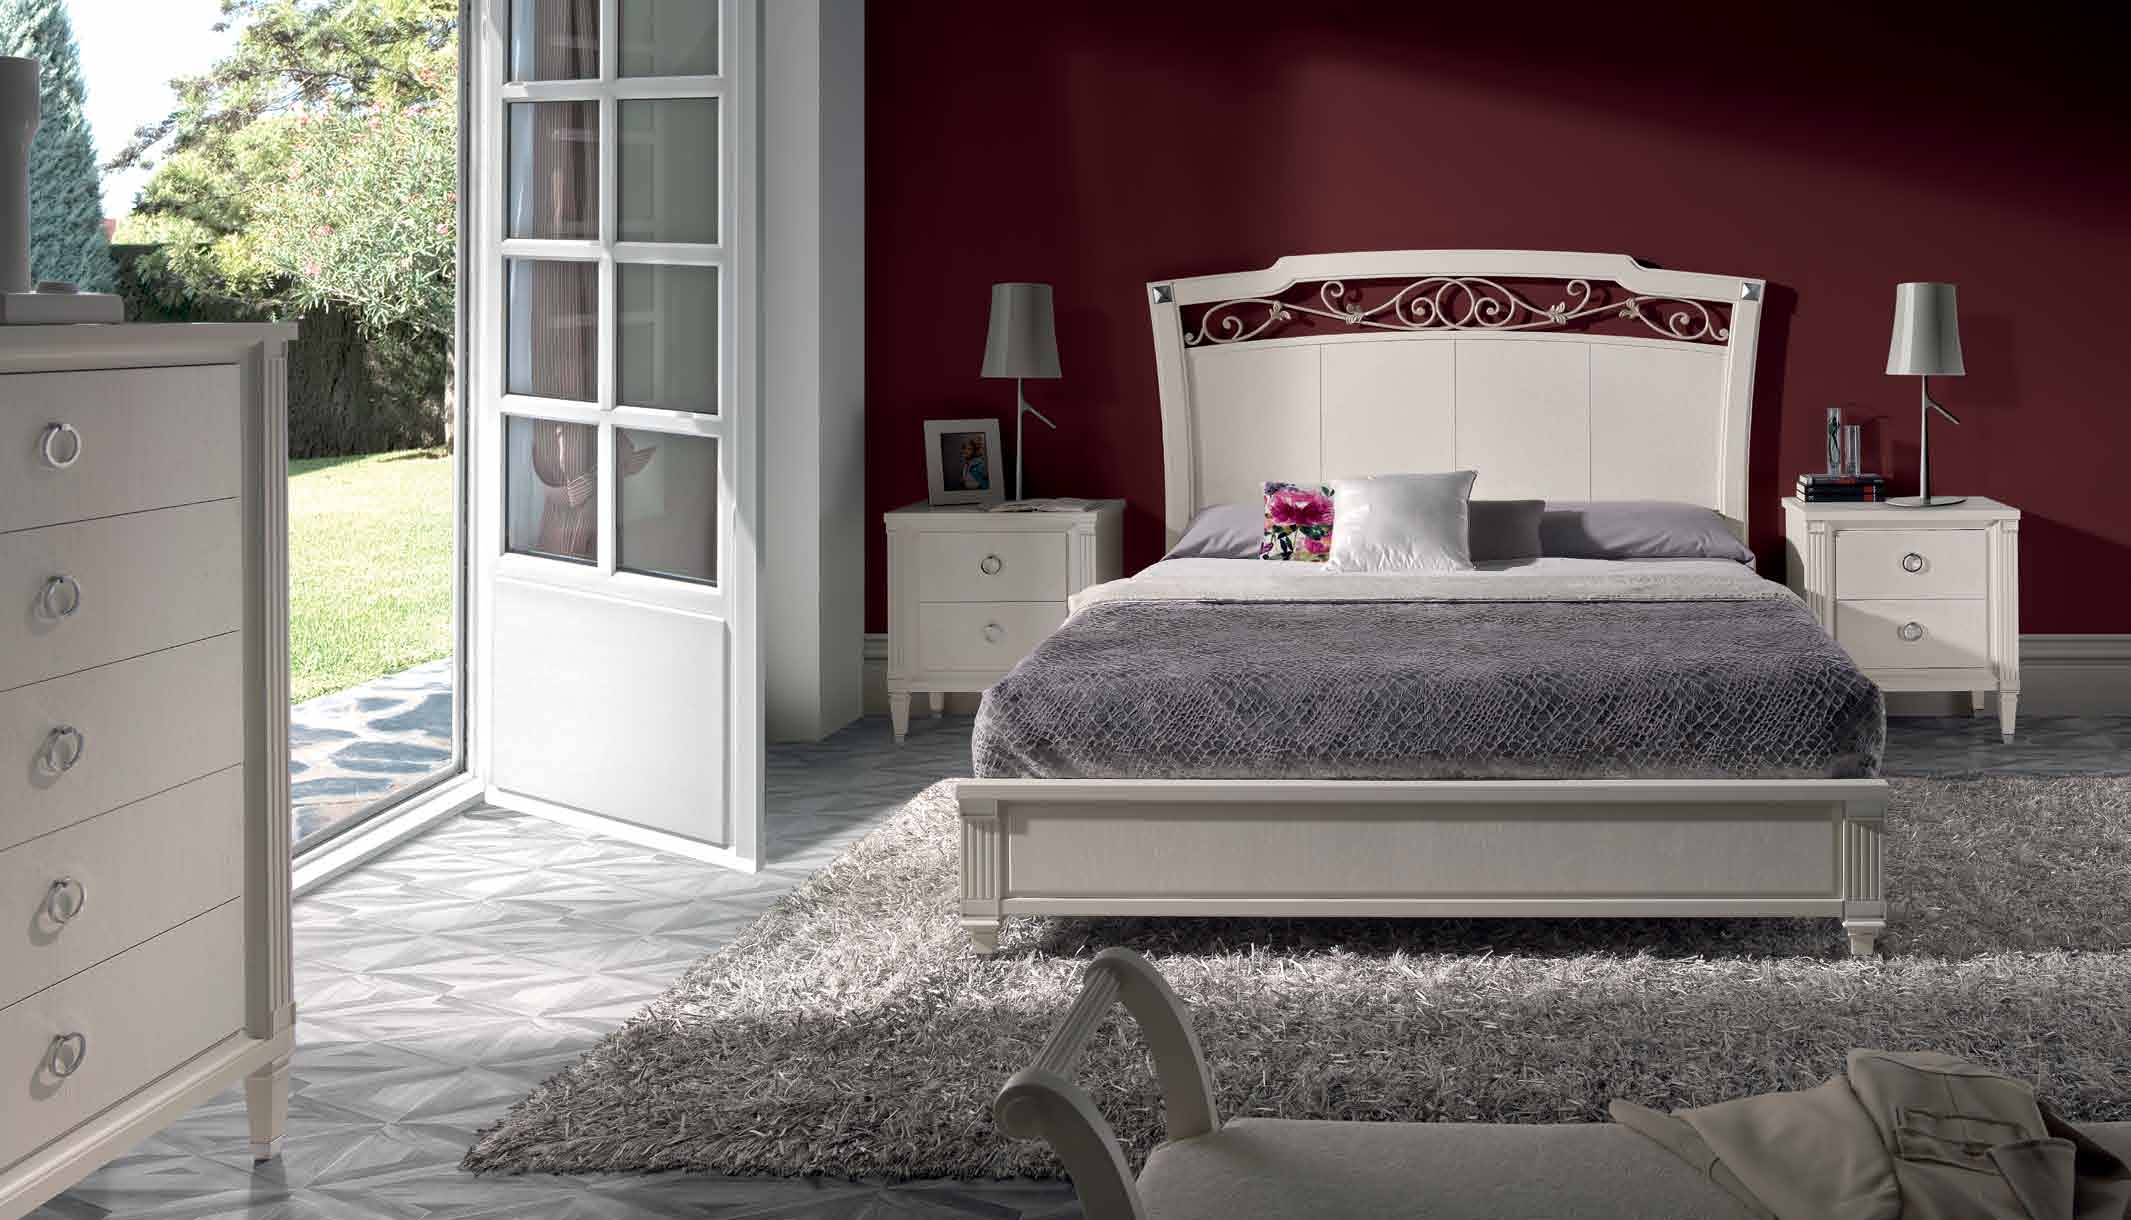 978-dormitorio-t-6